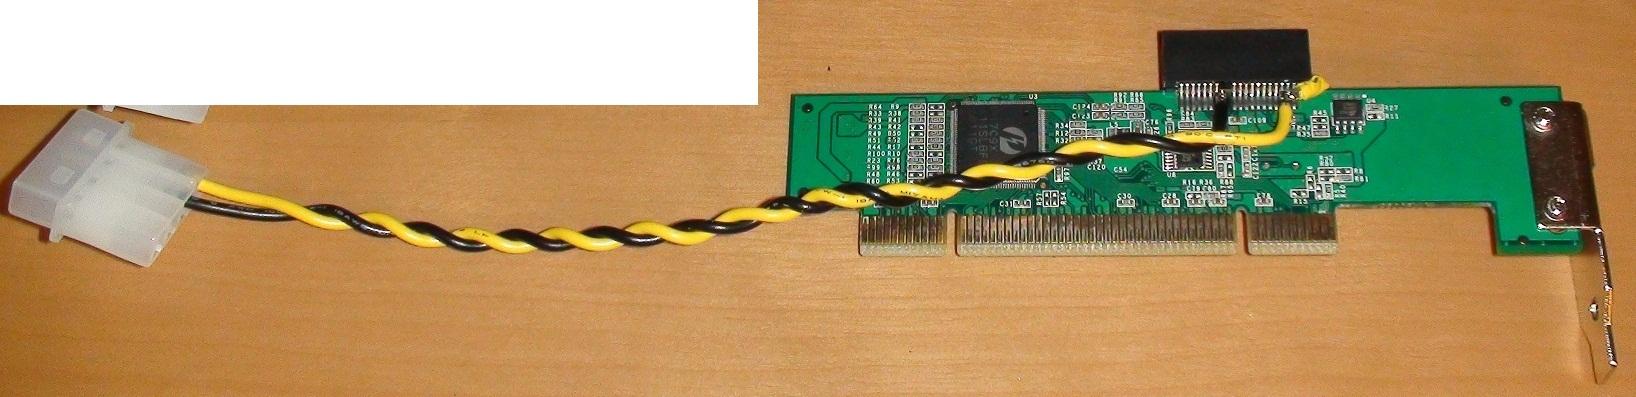 DSC01024-X1.jpg